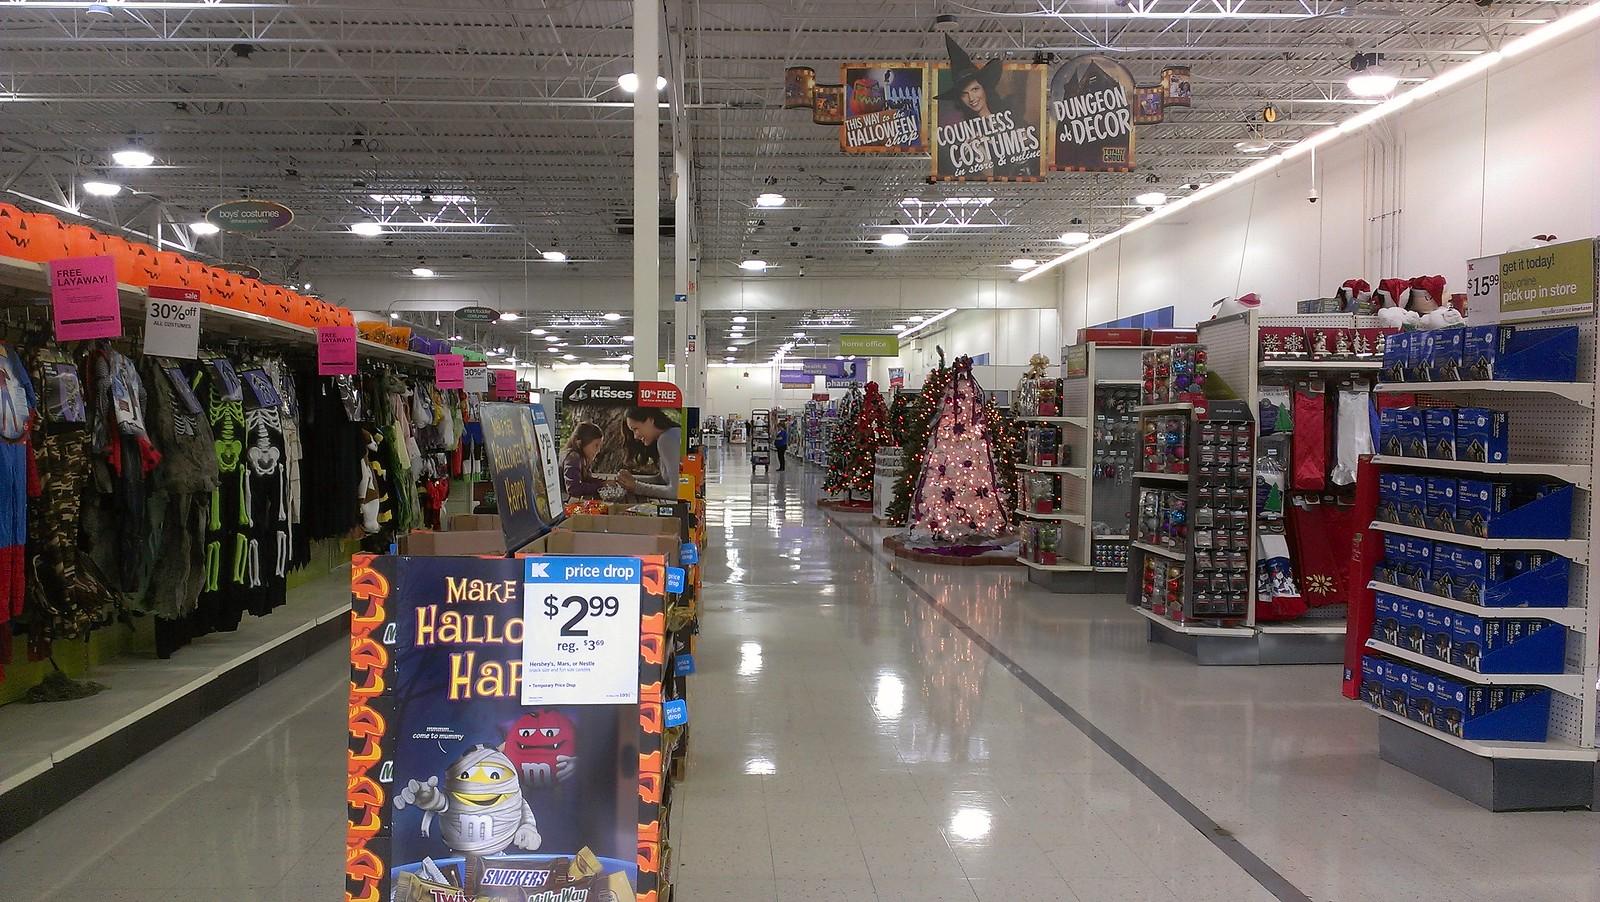 kmart burnsville minneapolis minnesota flickr - Kmart Halloween